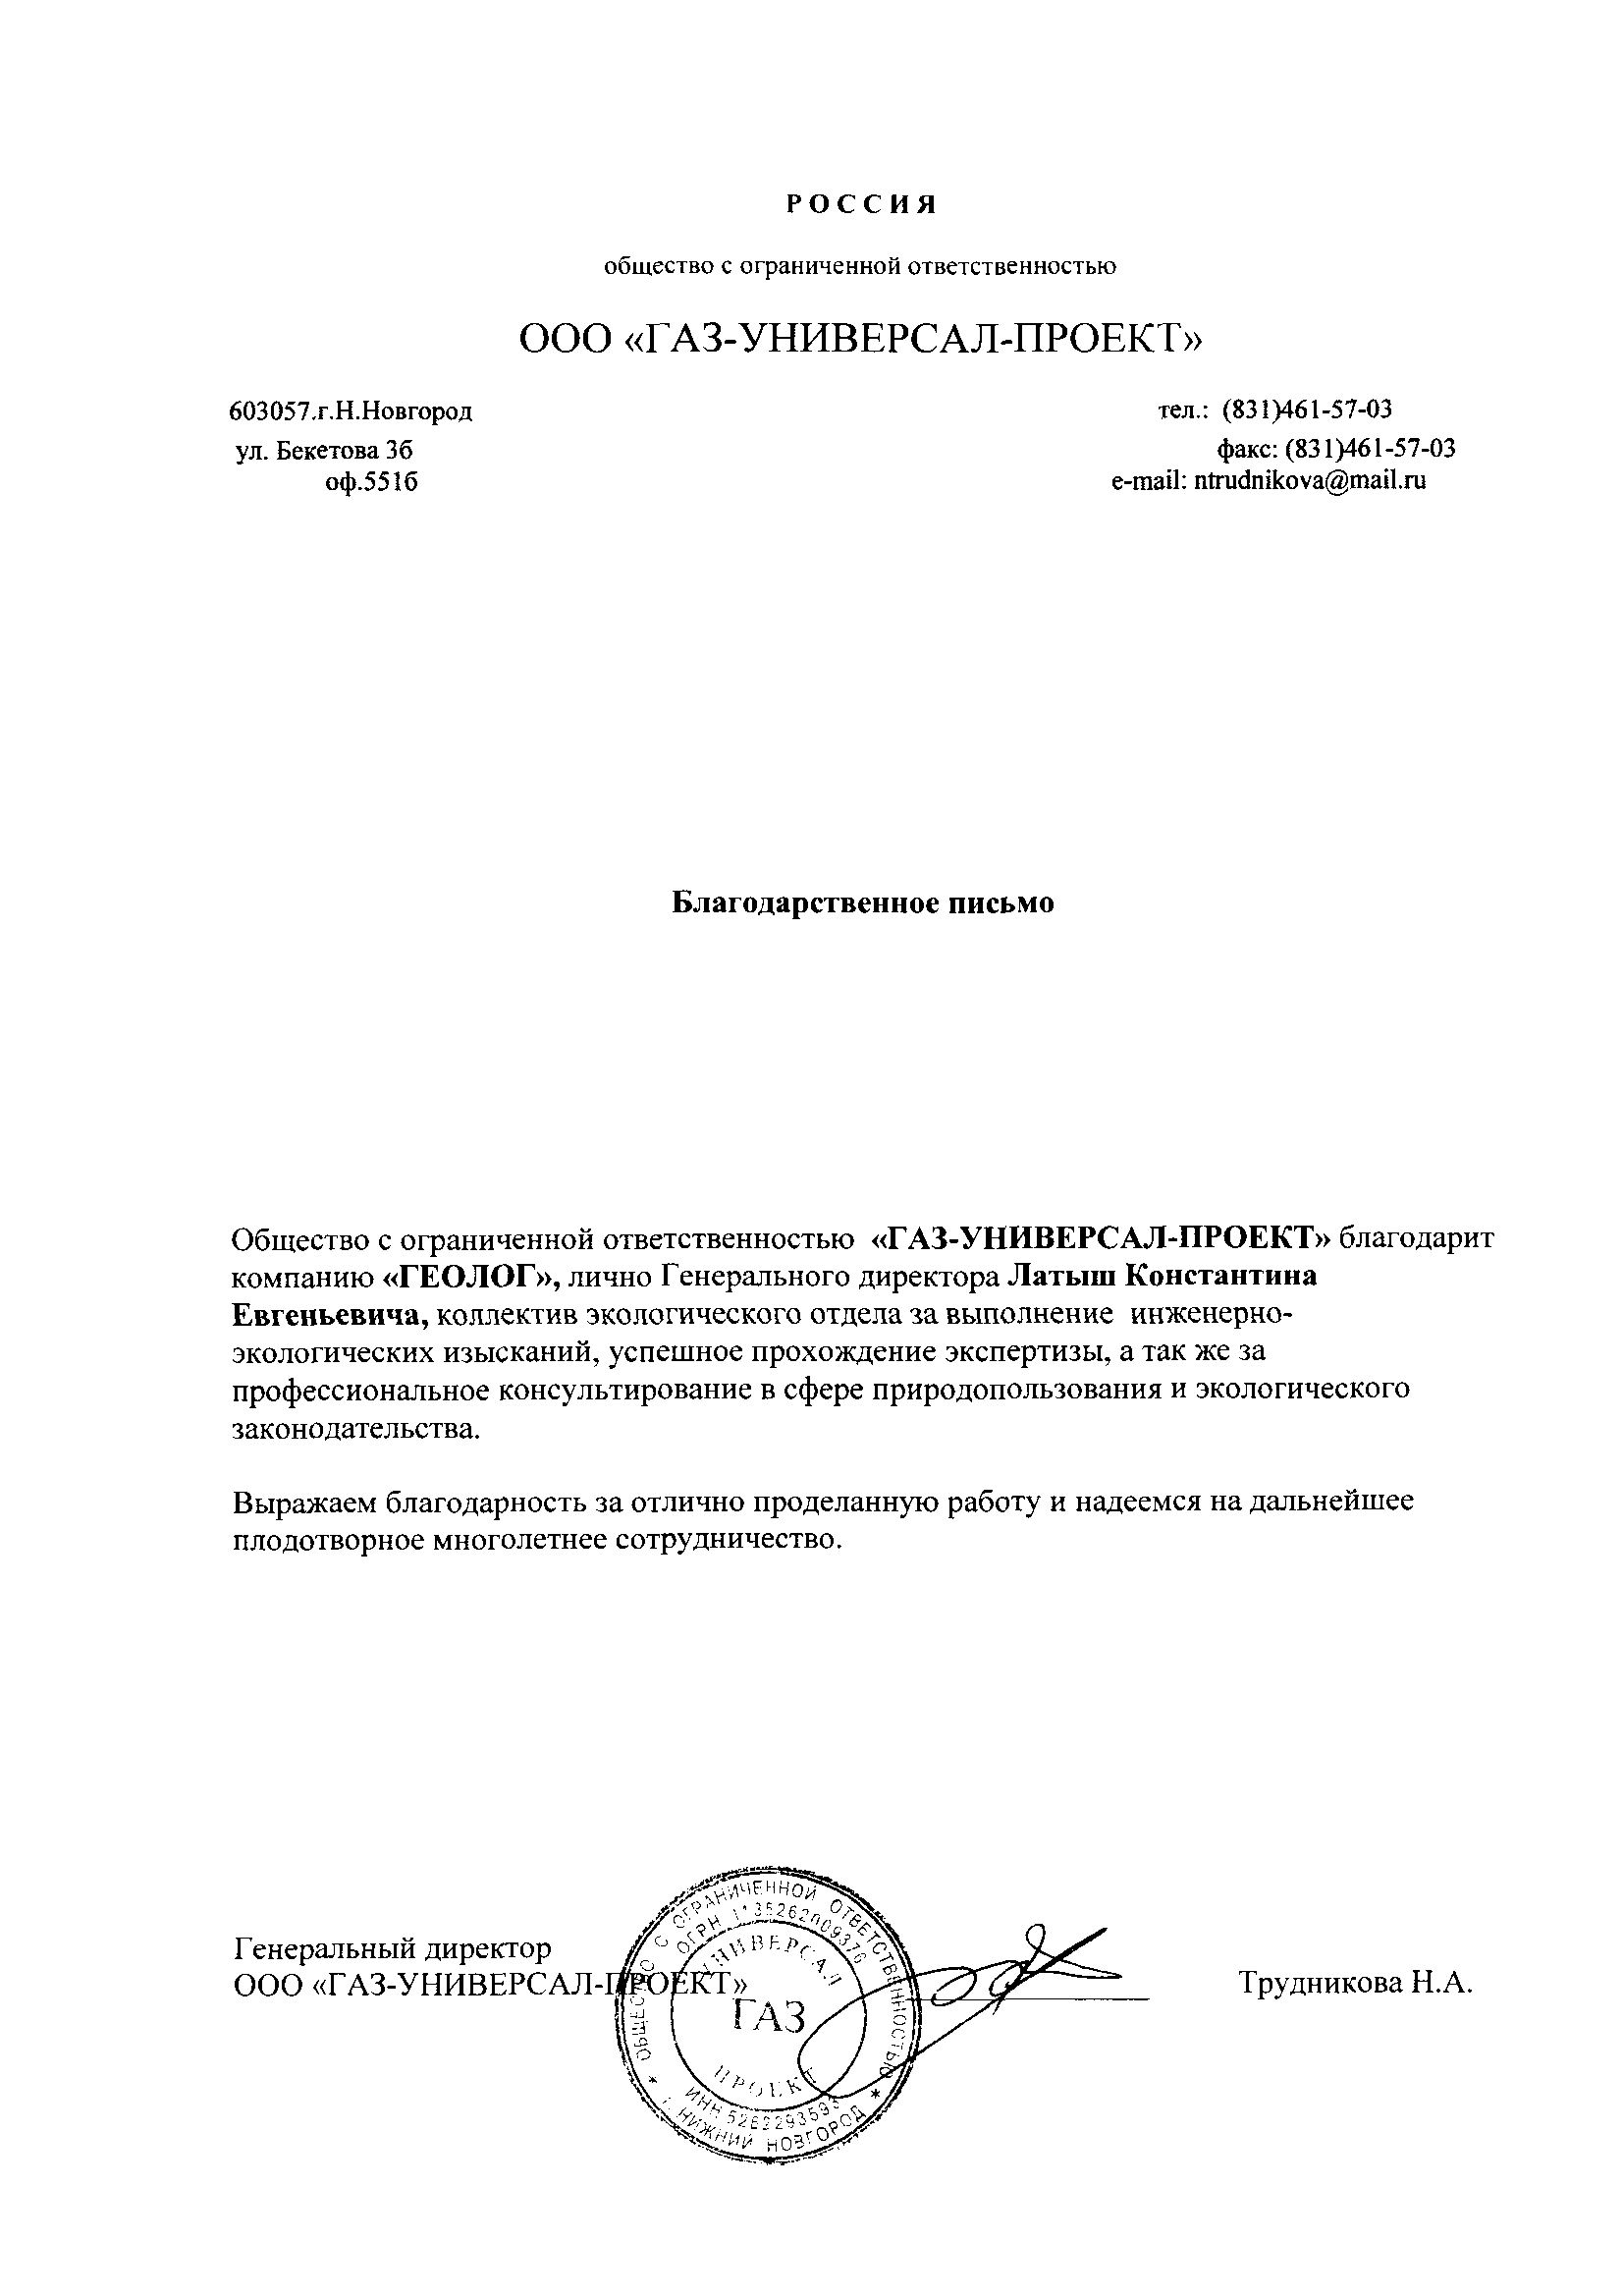 Благодарственное-письмо-Воробьеву